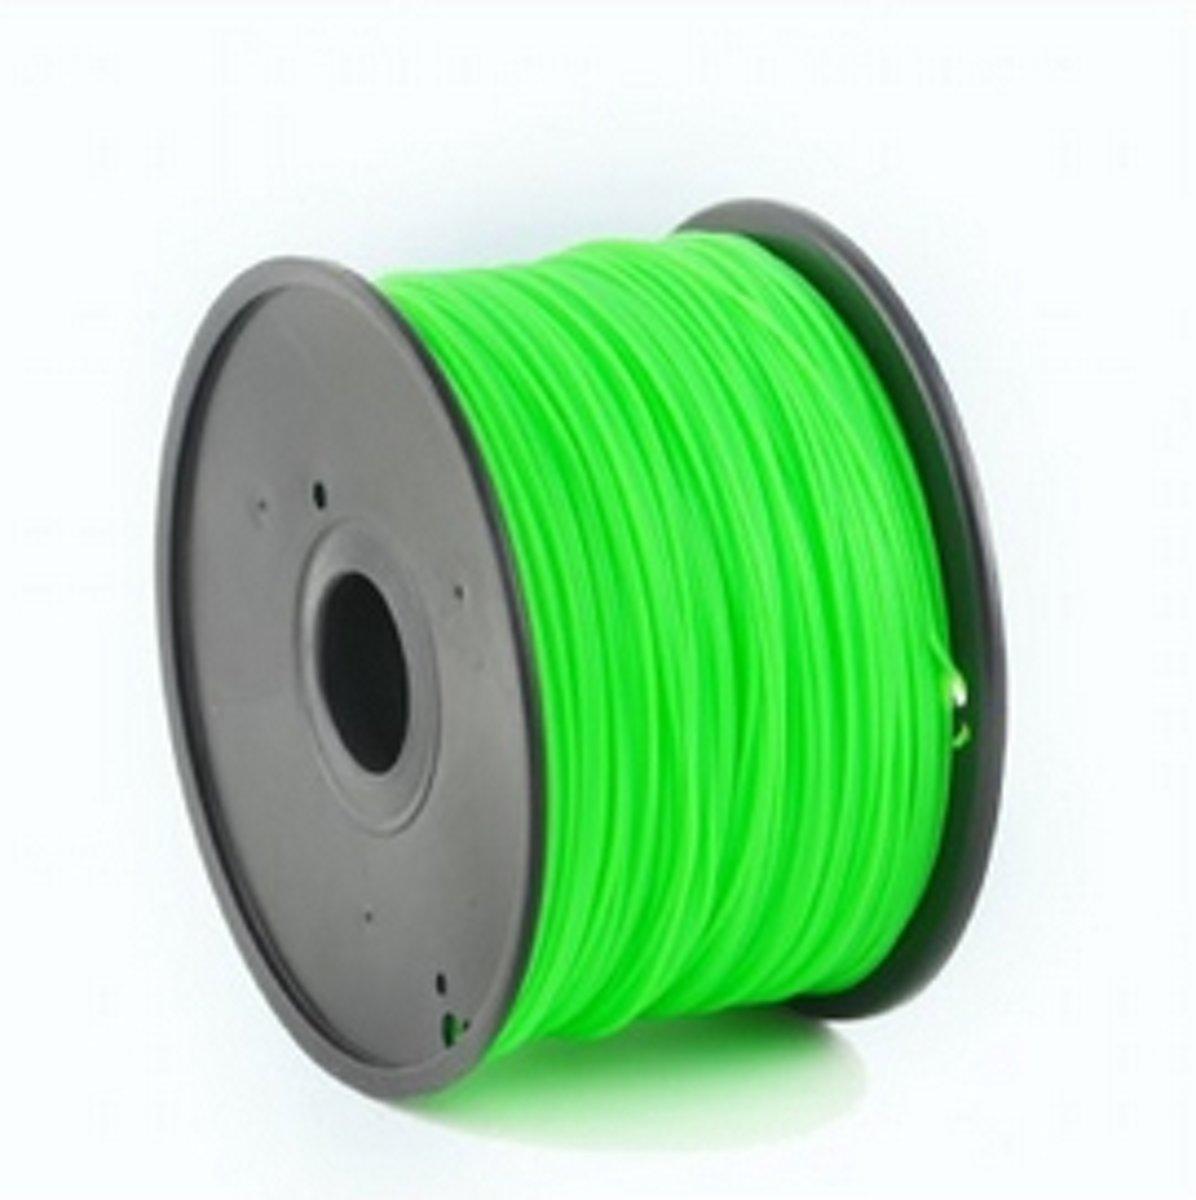 Gembird3 3DP-PLA3-01-G - Filament PLA, 3 mm, groen